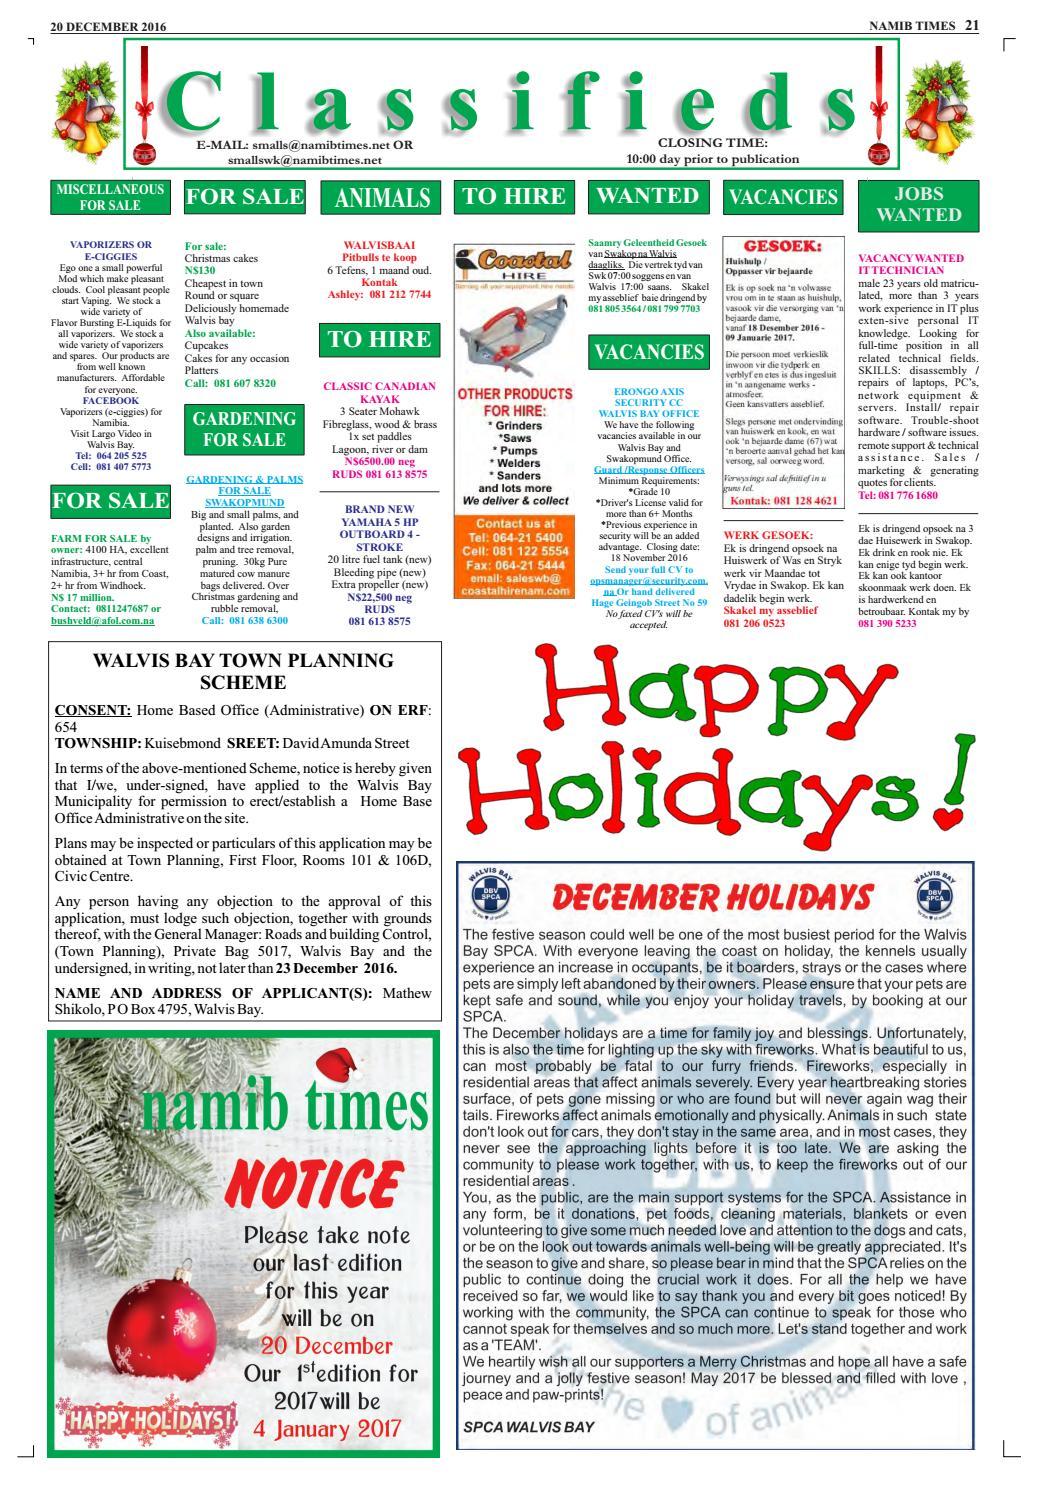 20 december namib times e edition by Namib Times Virtual - issuu